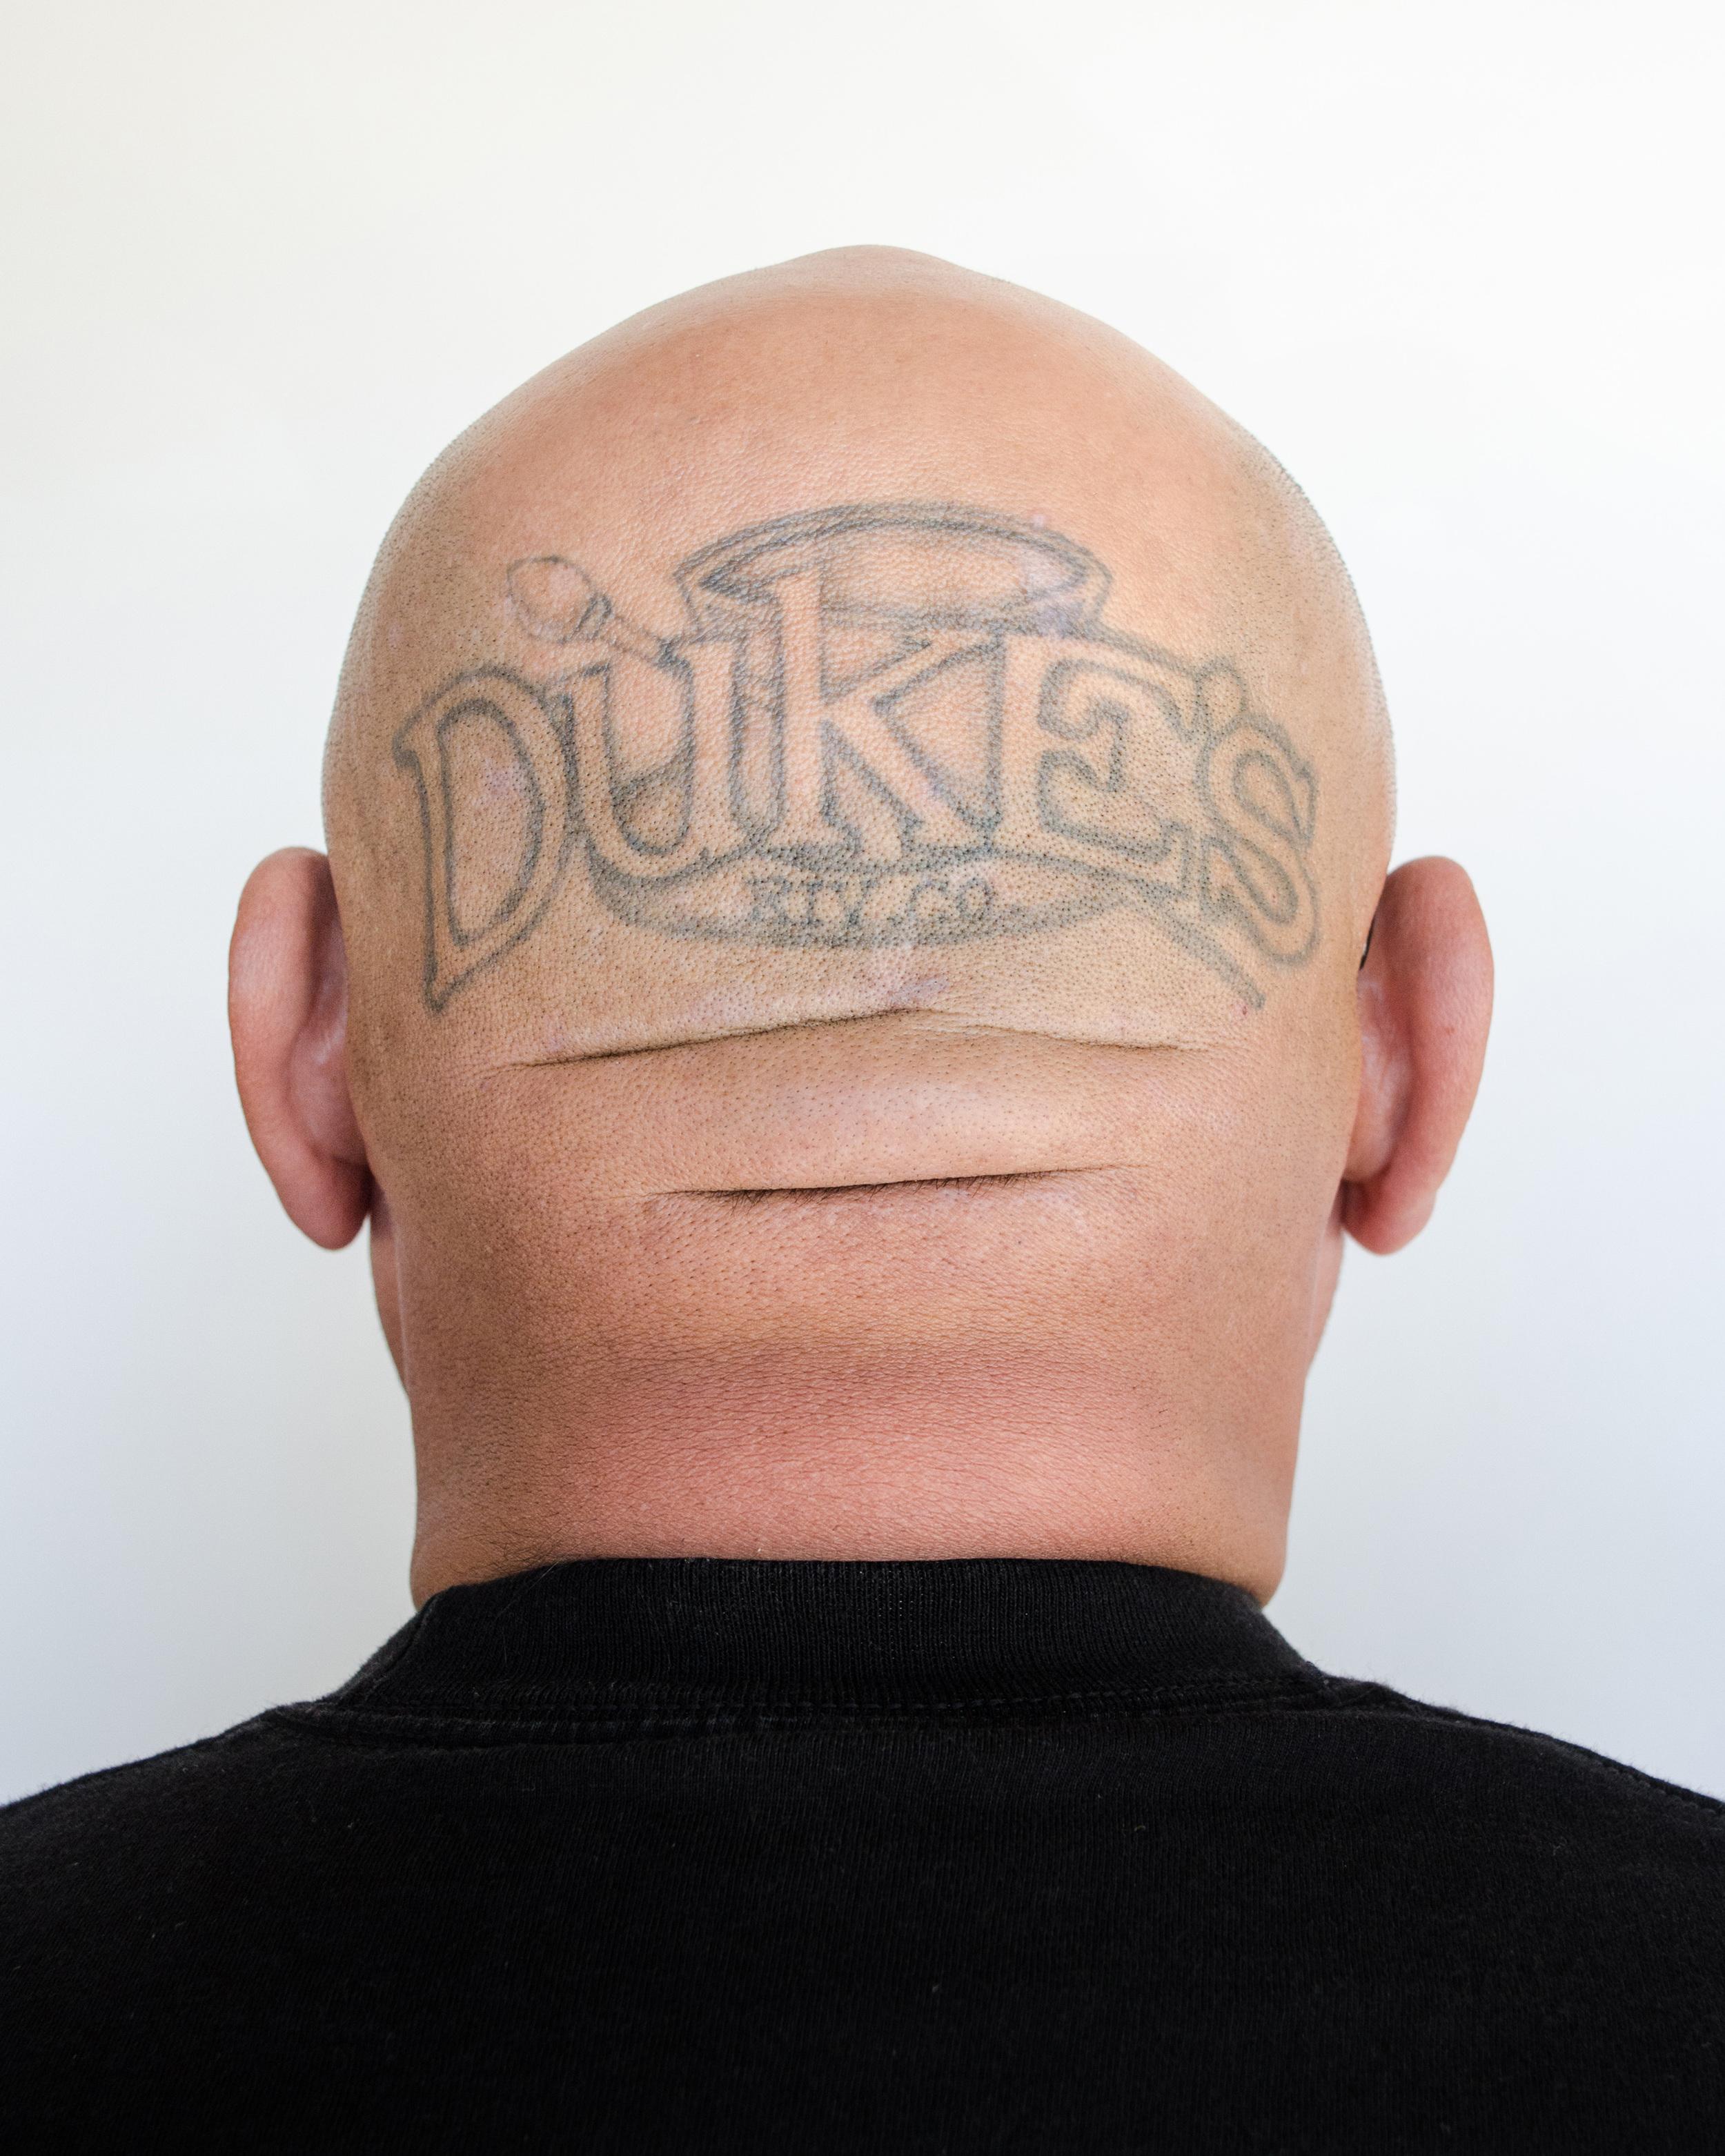 Dukes-15.jpg